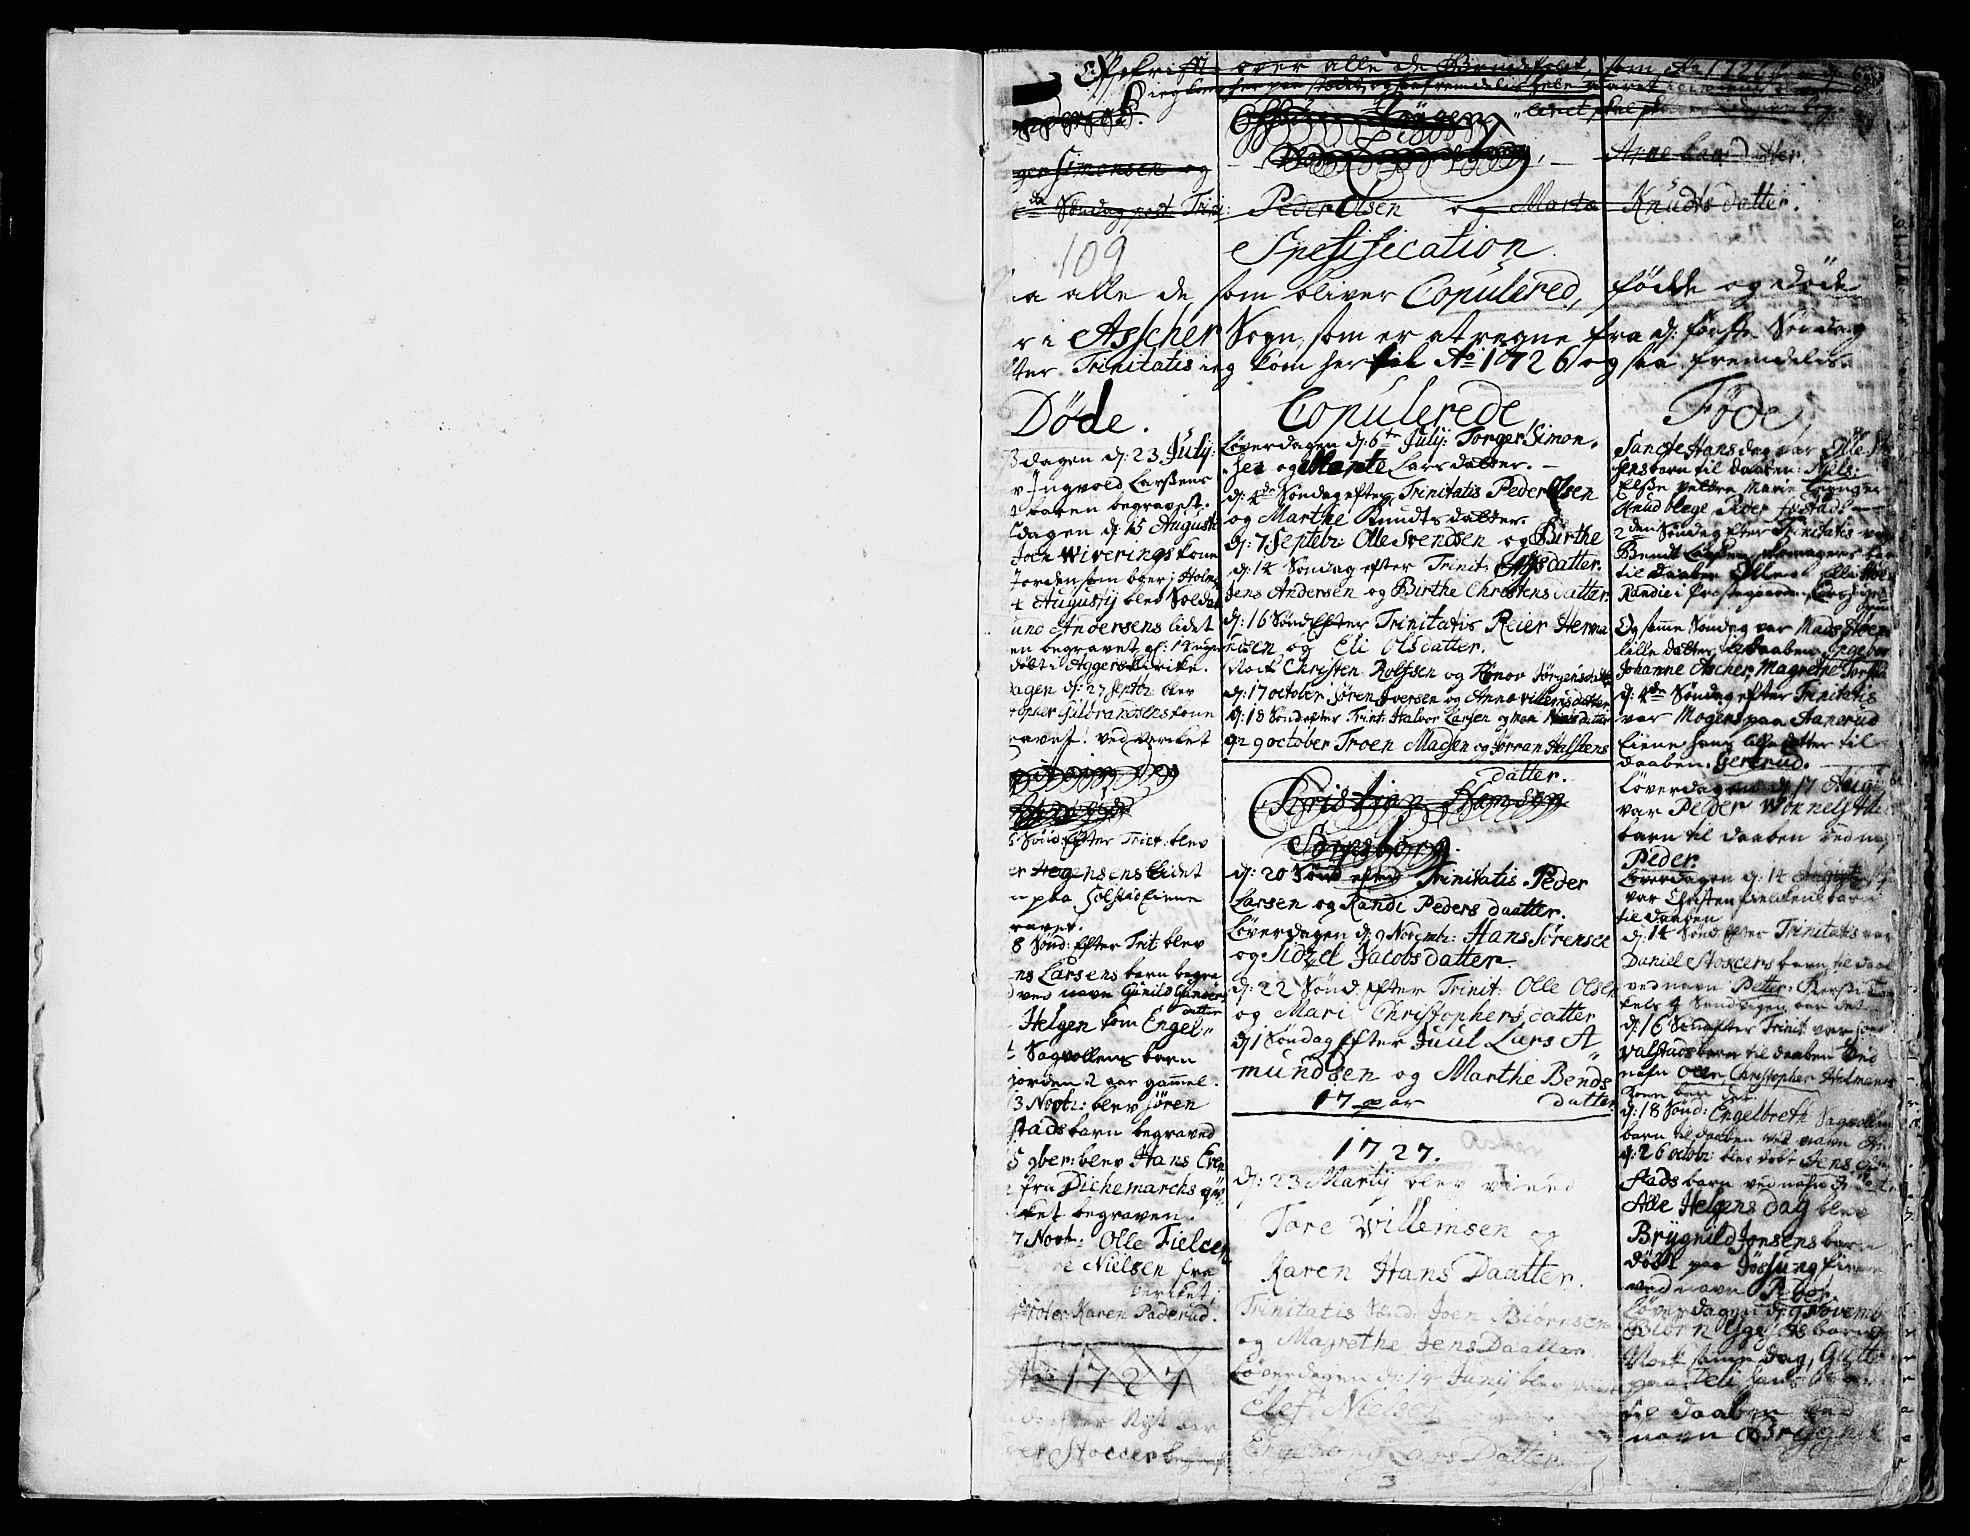 SAO, Asker prestekontor Kirkebøker, F/Fa/L0001: Ministerialbok nr. I 1, 1726-1744, s. 1